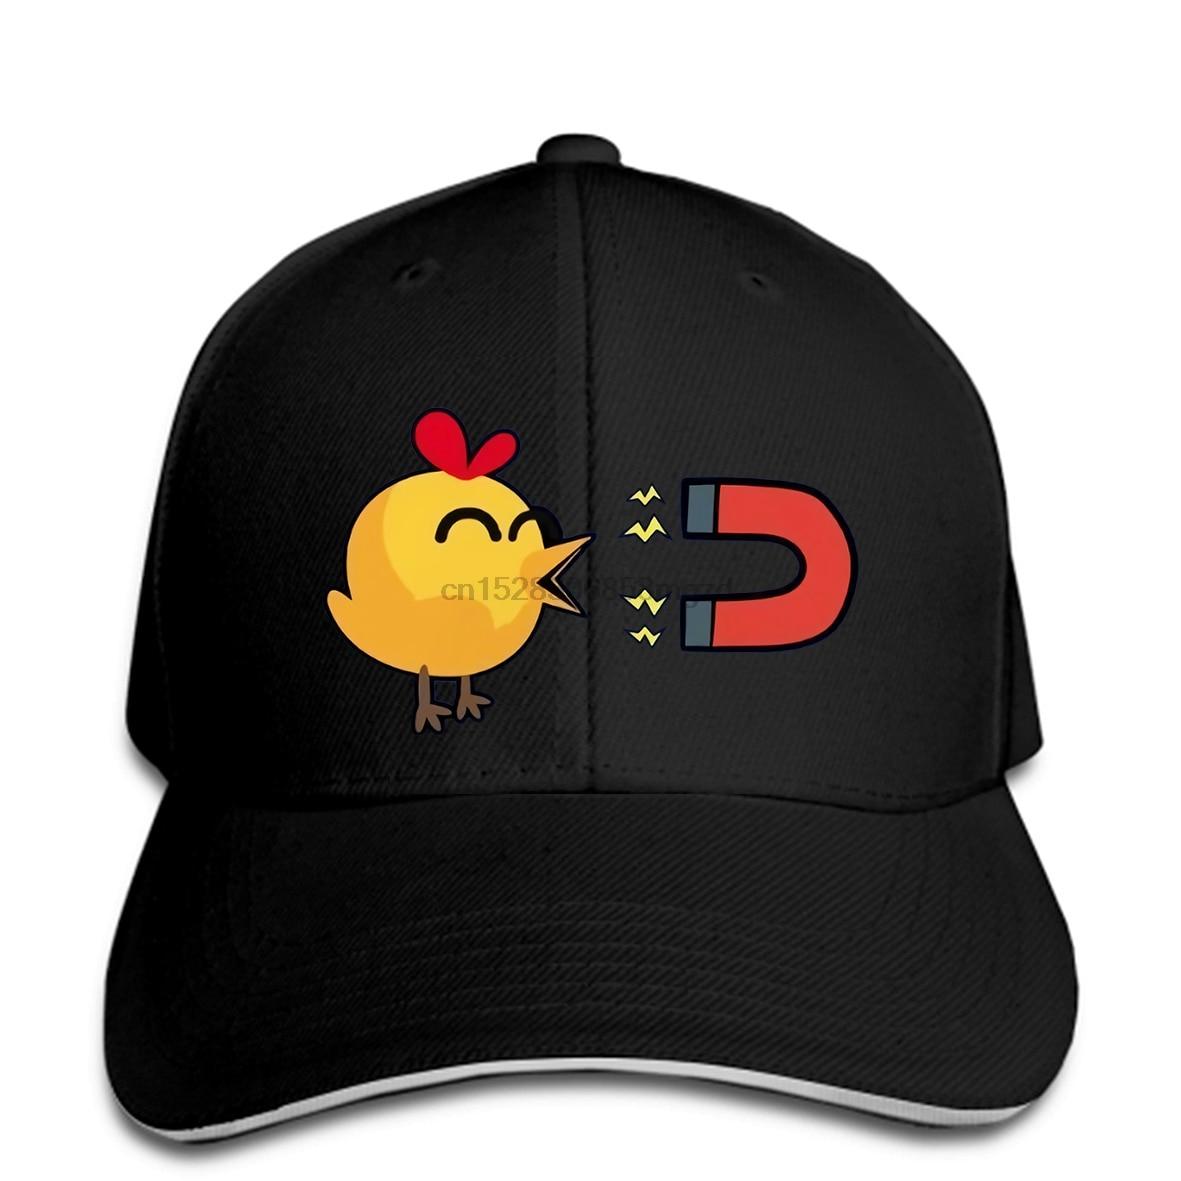 Boné de beisebol snapback chapéu feminino boné de beisebol dos homens da criança dos miúdos bonitos engraçados do presente do chuveiro do ímã do pintainho